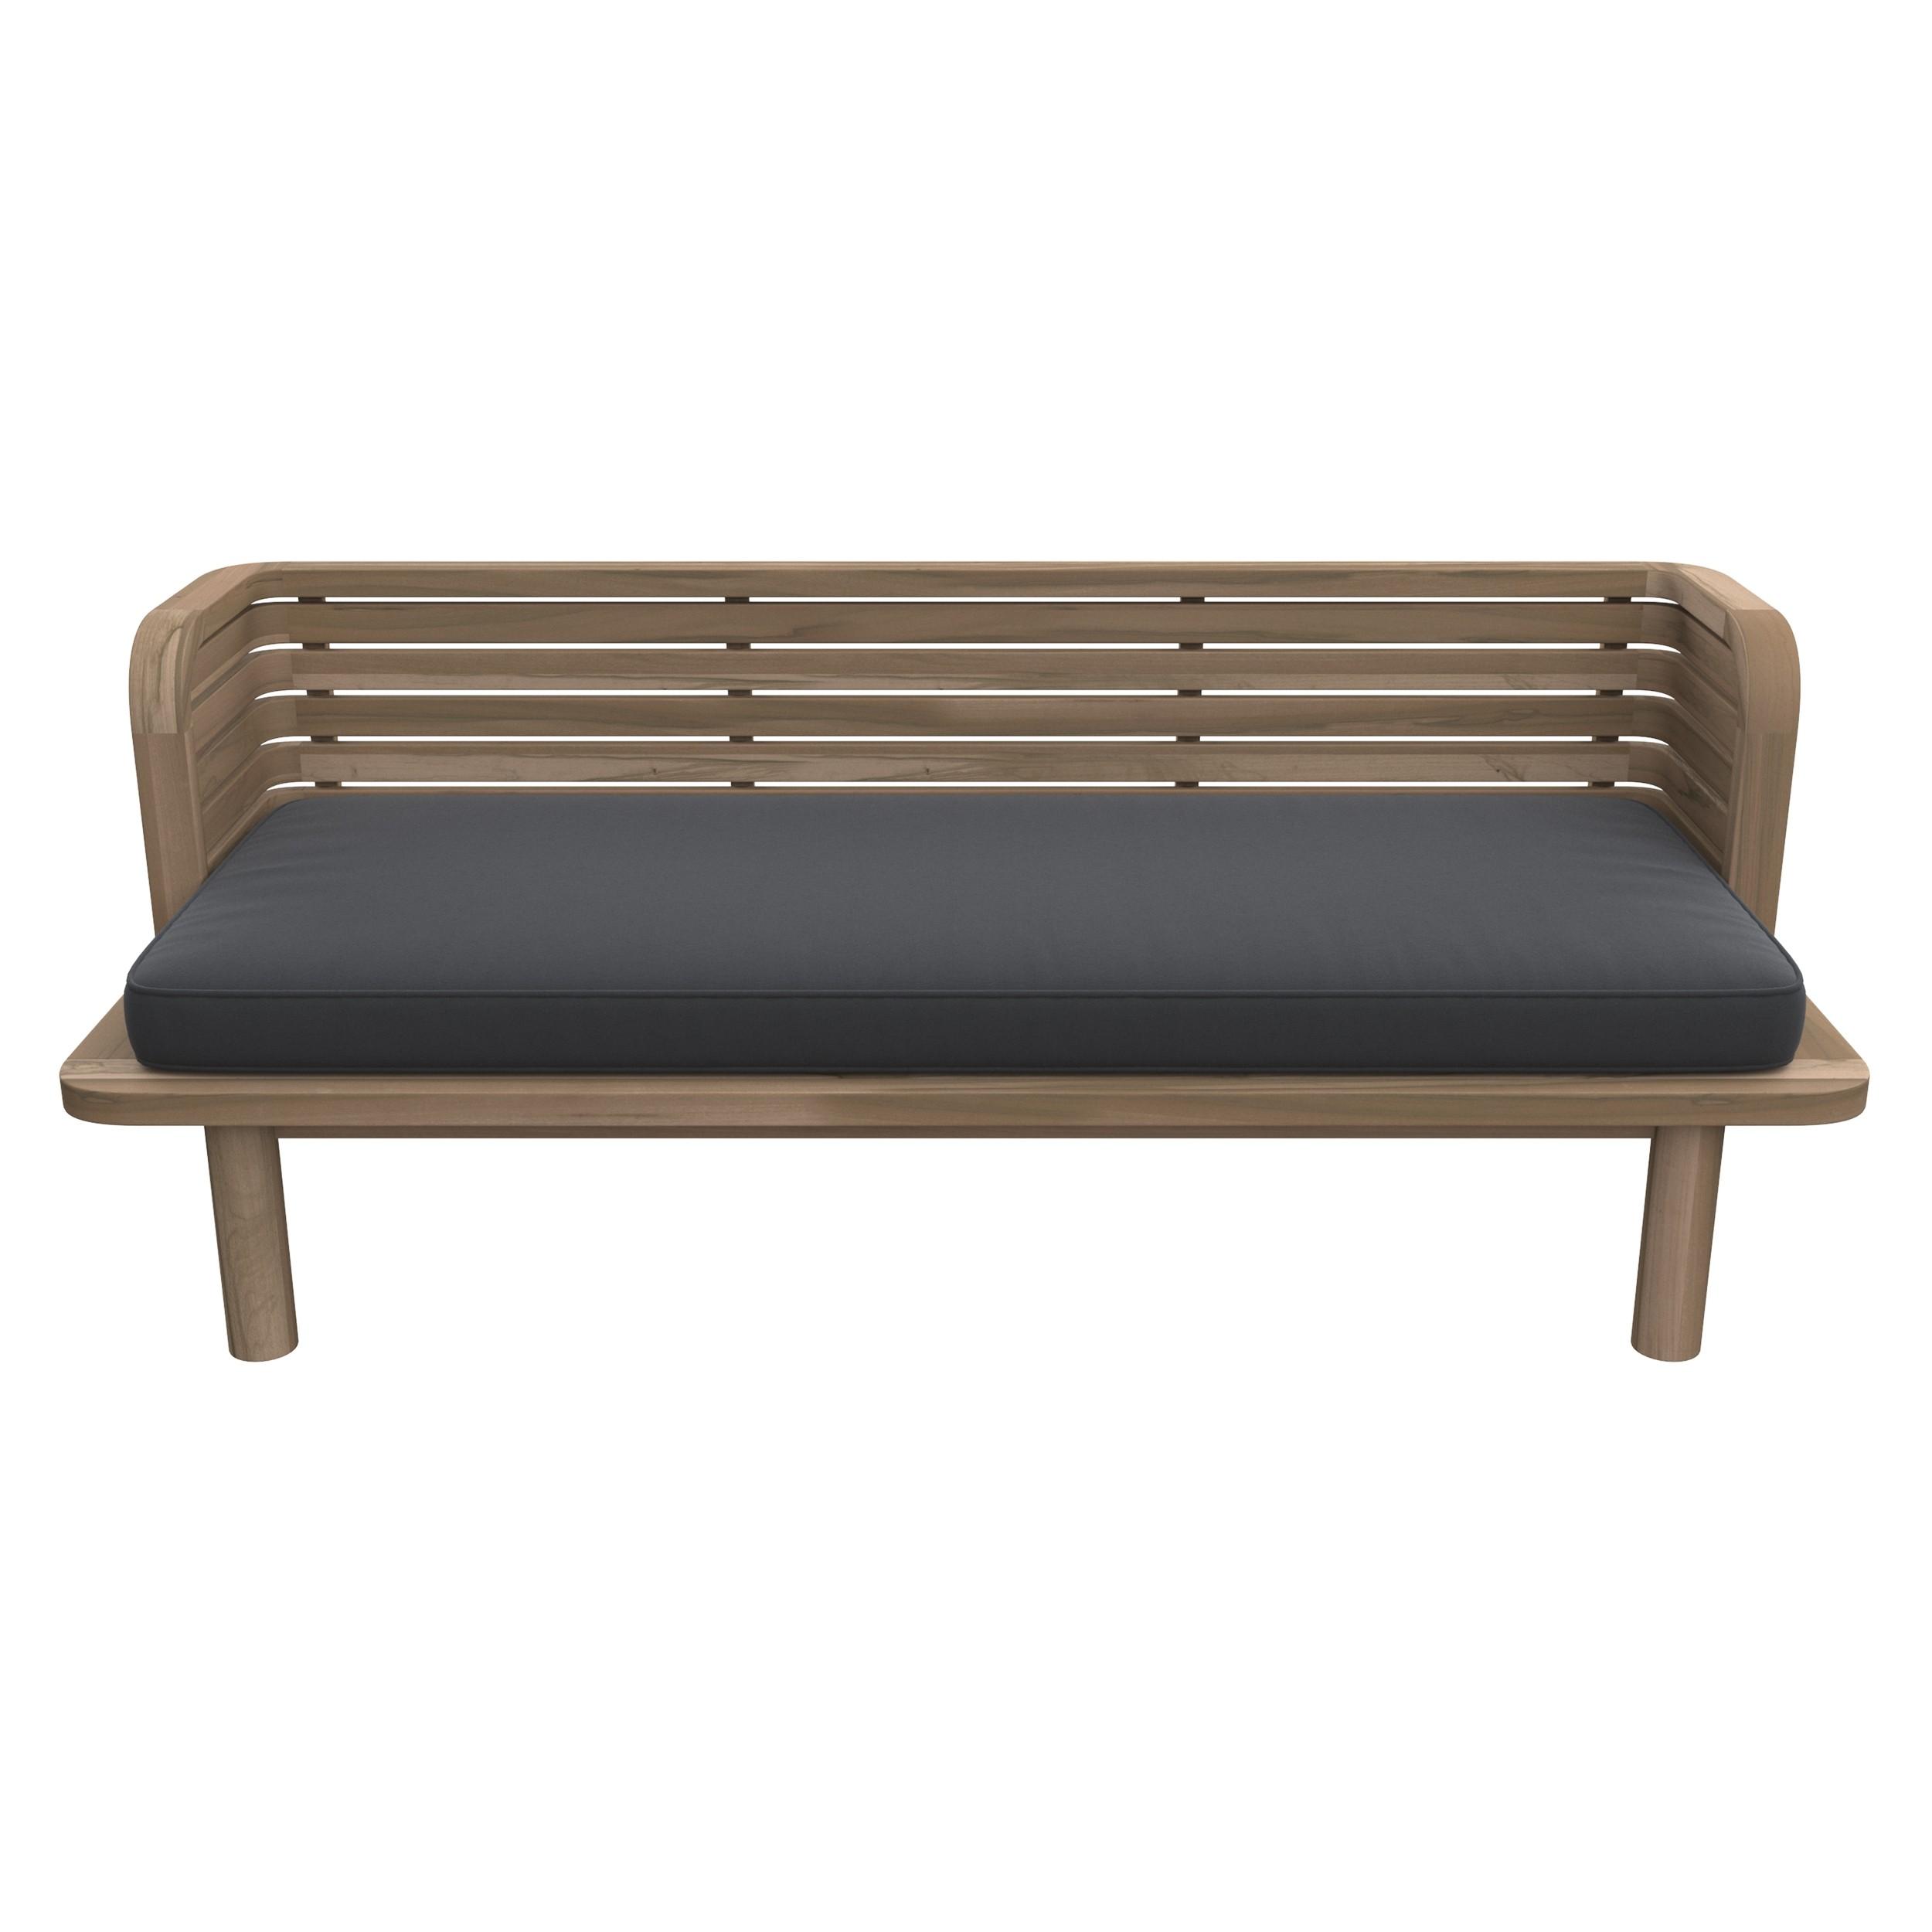 acheter canape exterieur en bois de teck